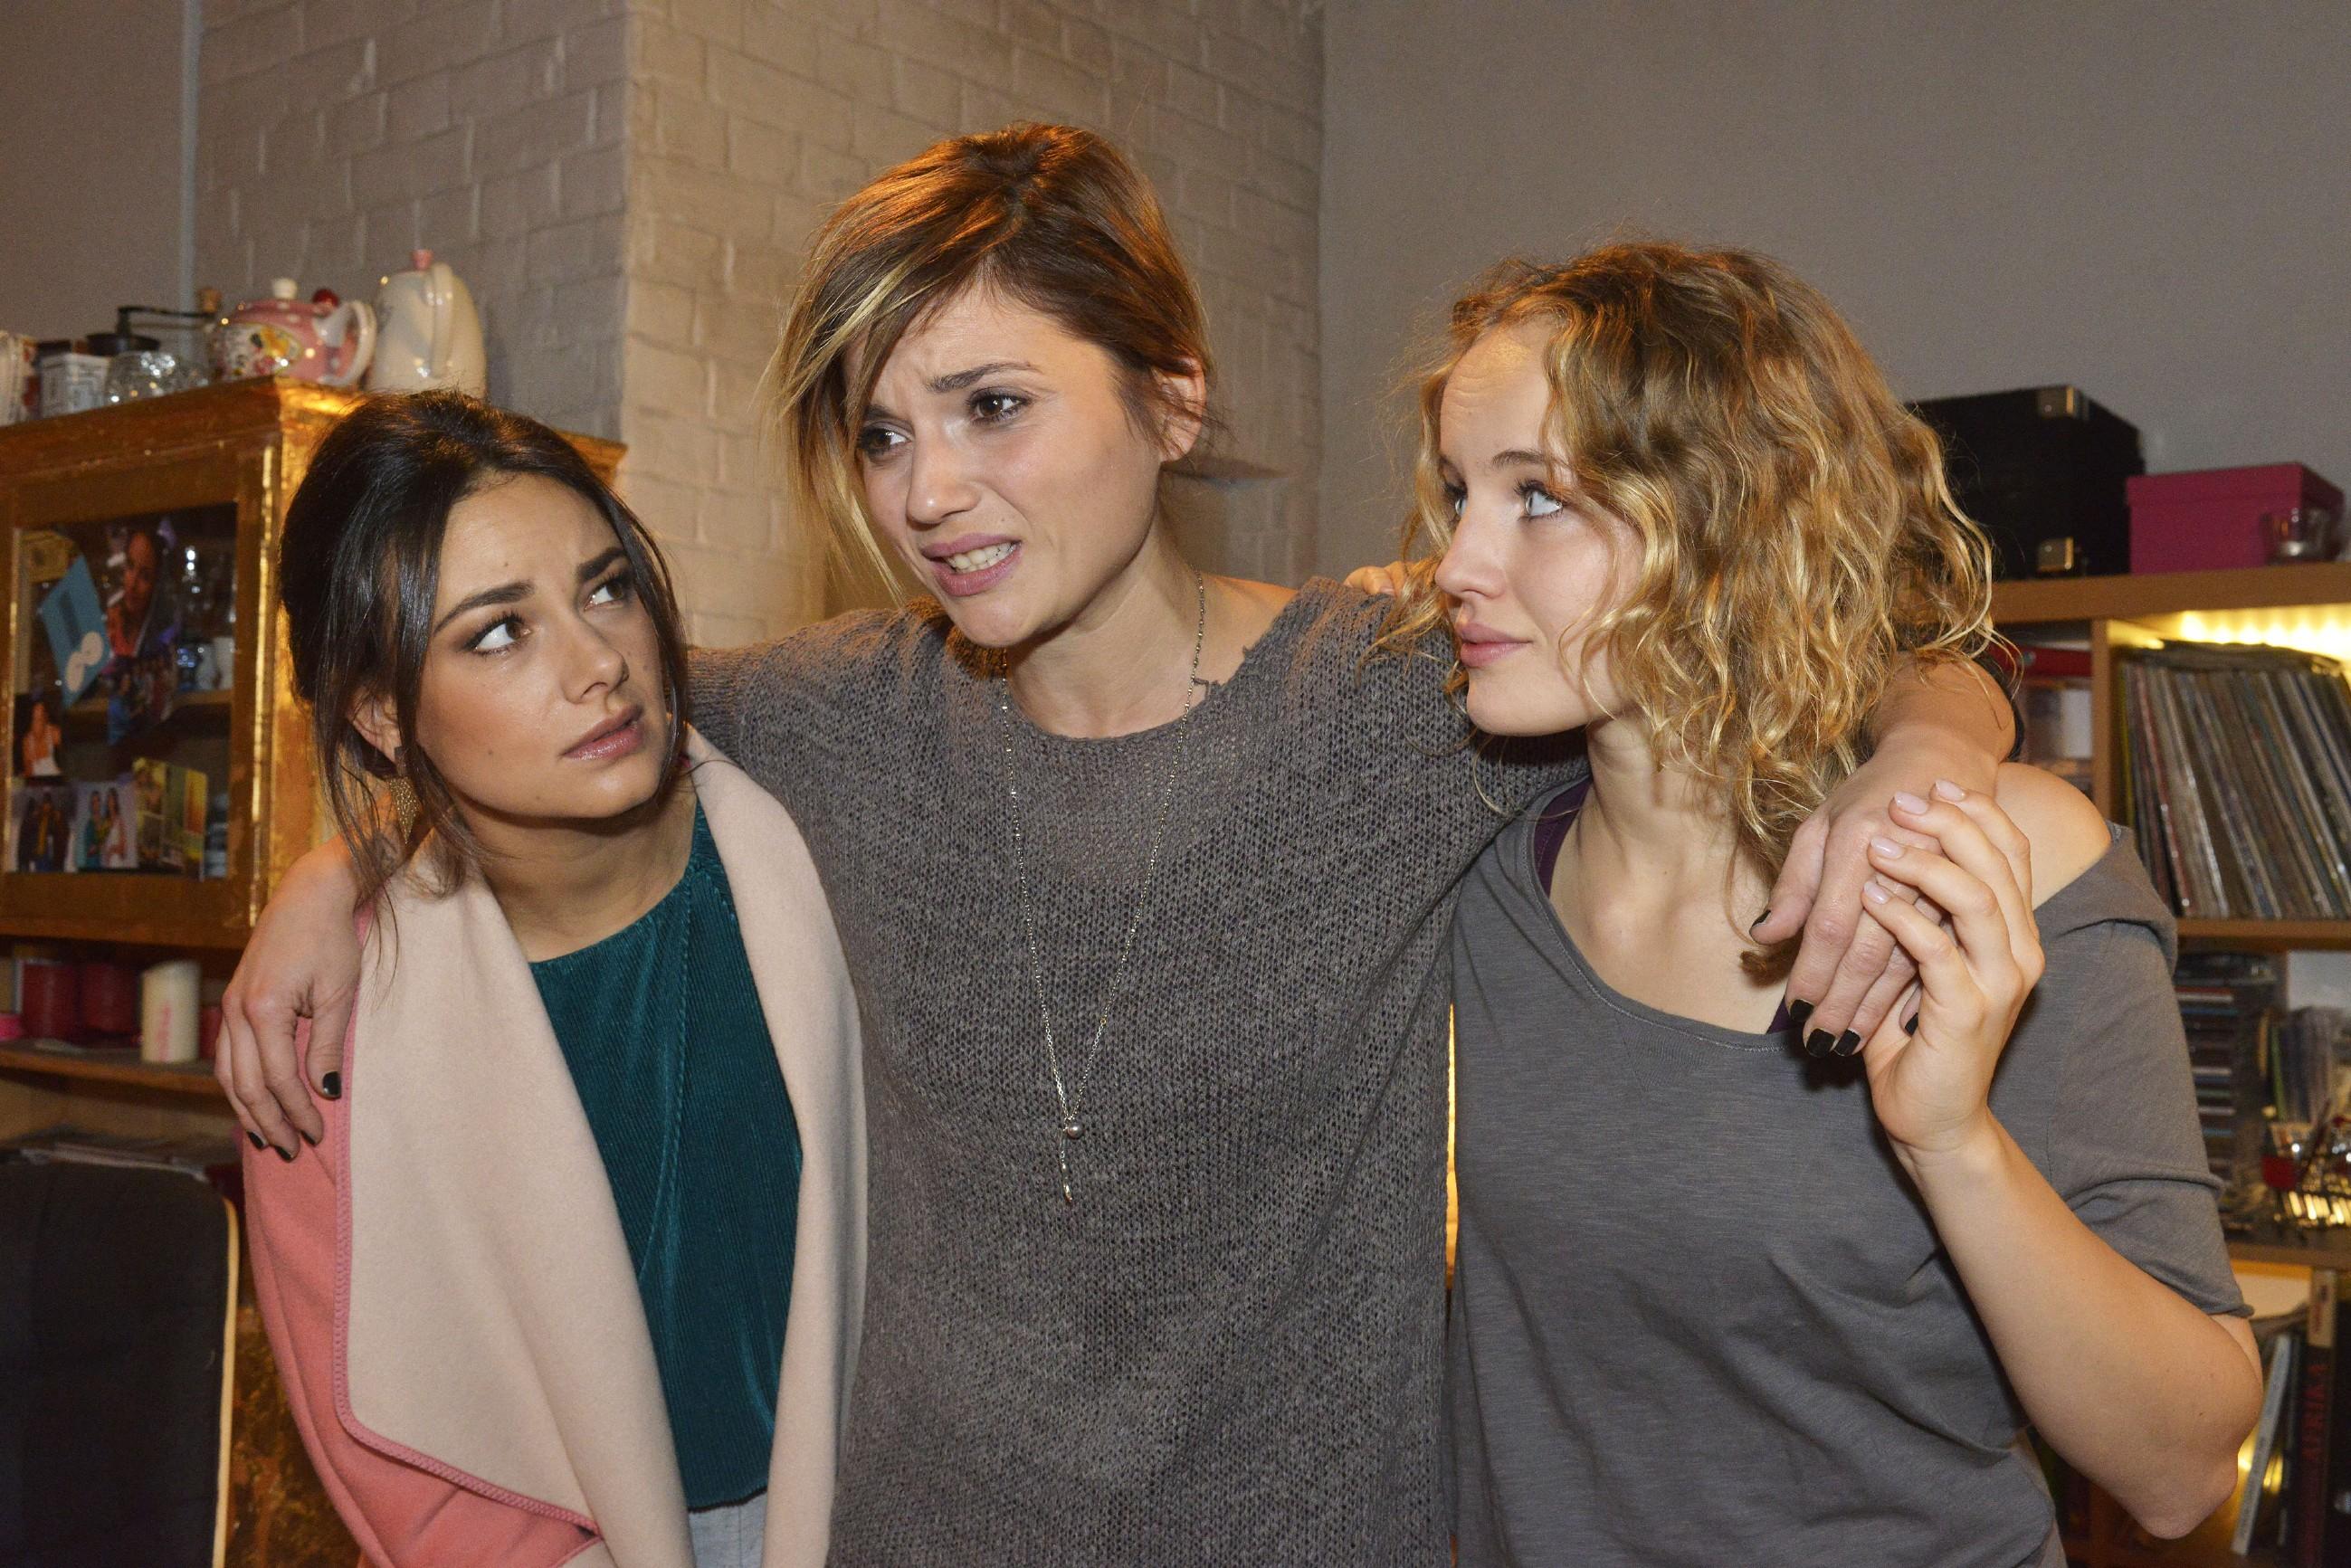 Jasmin (Janina Uhse, l.) und Jule (Luise von Finckh, r.) helfen der von Rückenschmerzen geplagten Anni (Linda Marlen Runge).